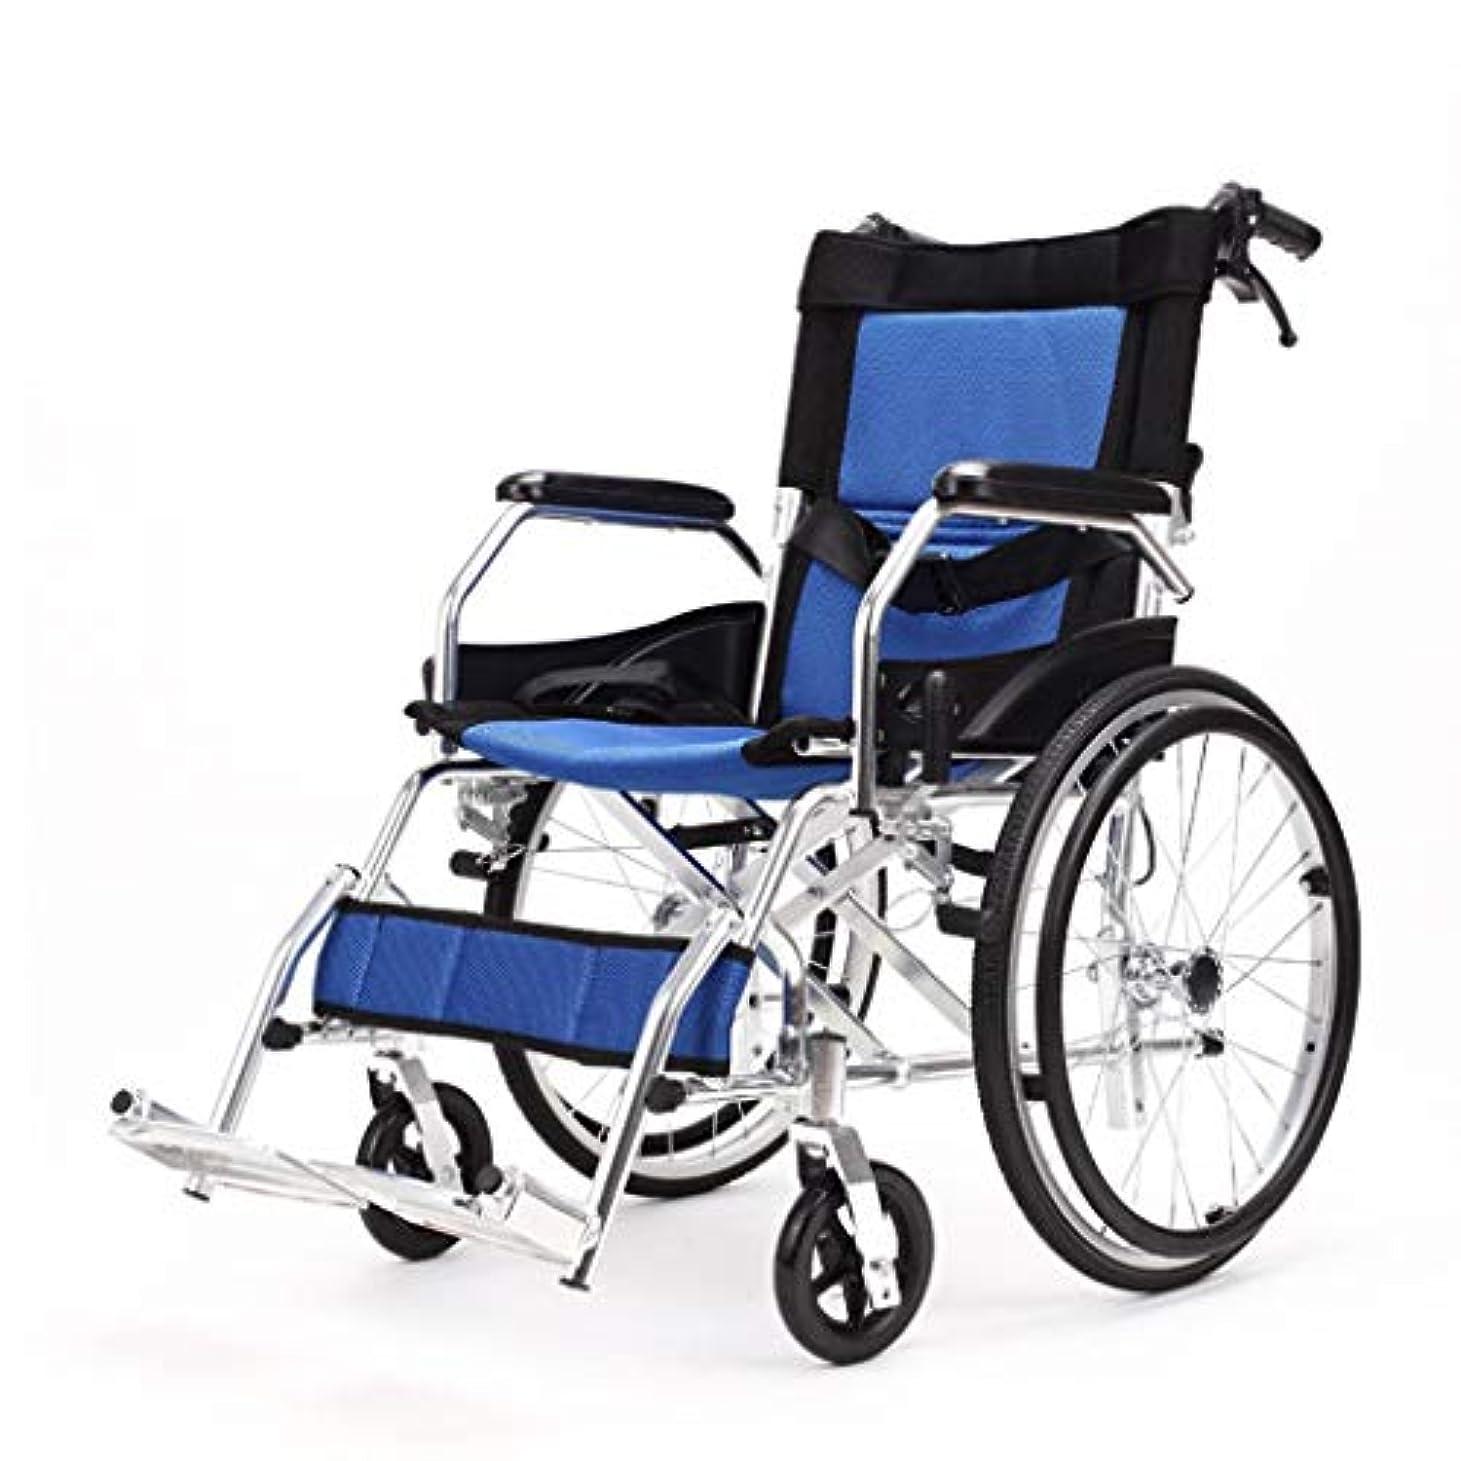 七面鳥小川雷雨手動車椅子折りたたみ式、背もたれ折りたたみ式デザイン通気性シートクッション、フットペダル調節可能車椅子